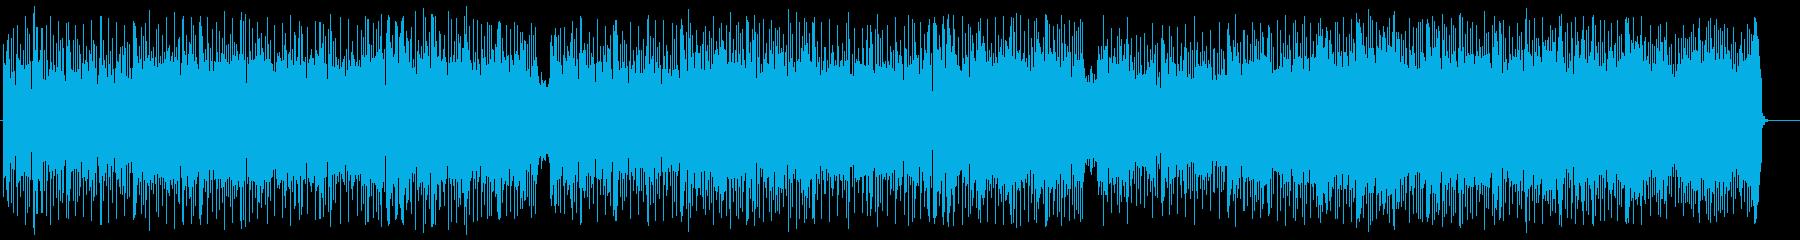 百鬼夜行のファイヤーストーム/メタルの再生済みの波形